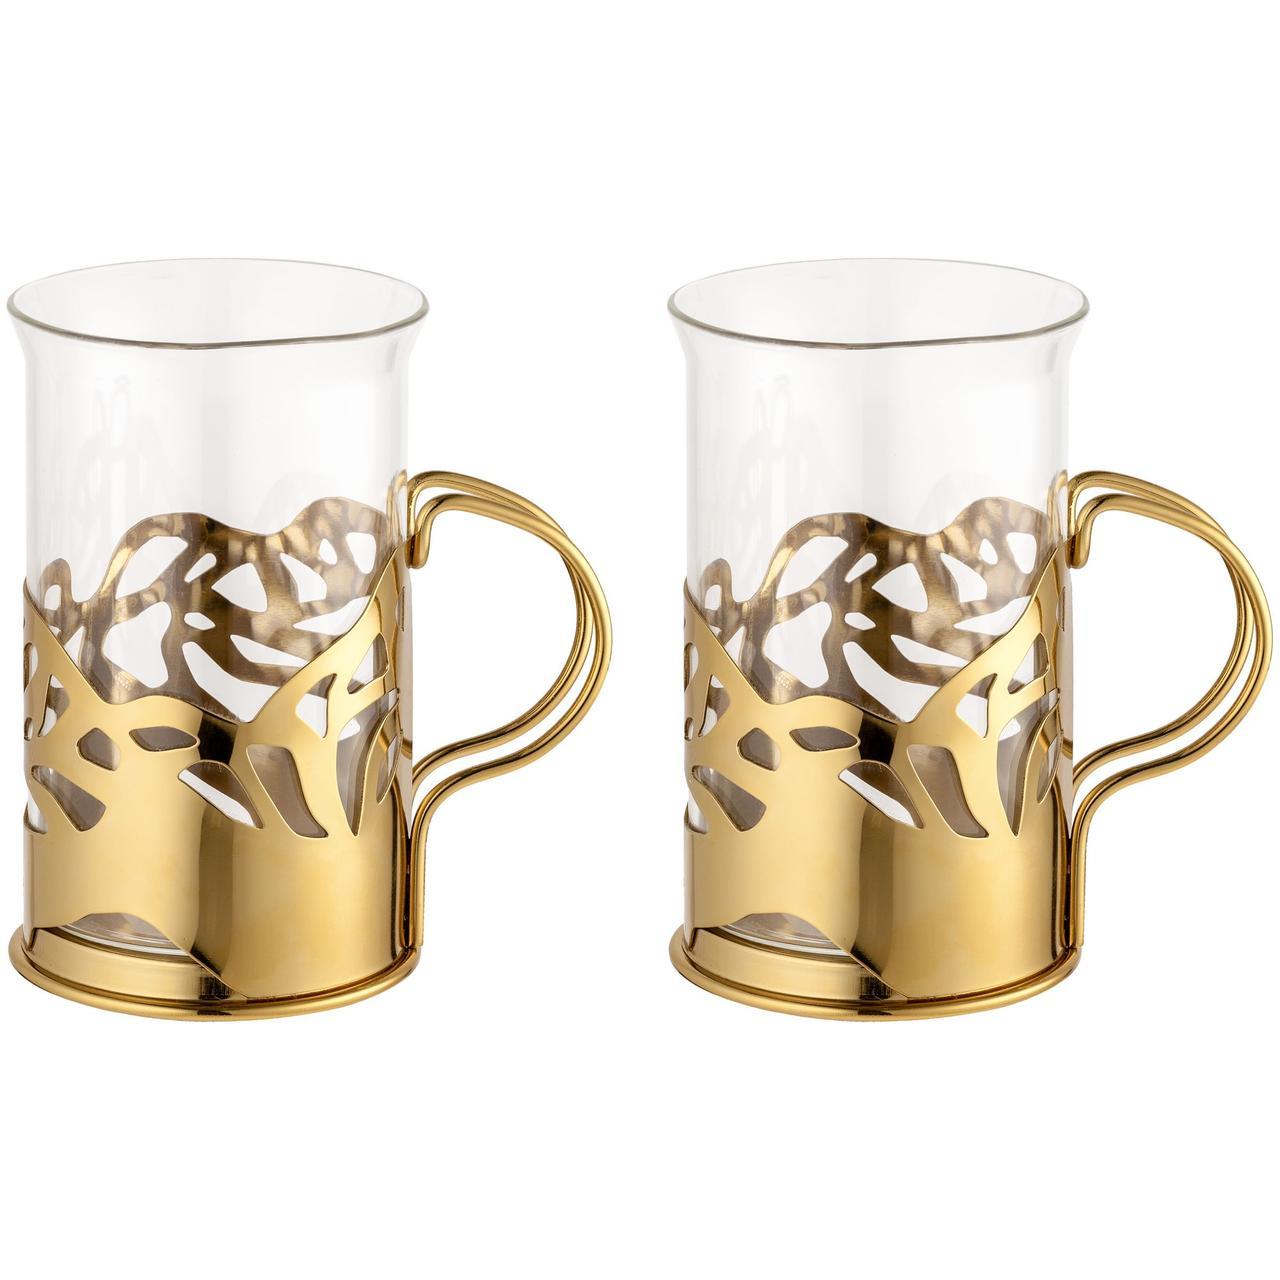 Набор стаканов в подстаканниках Cite, золотистый (артикул 19122.00)